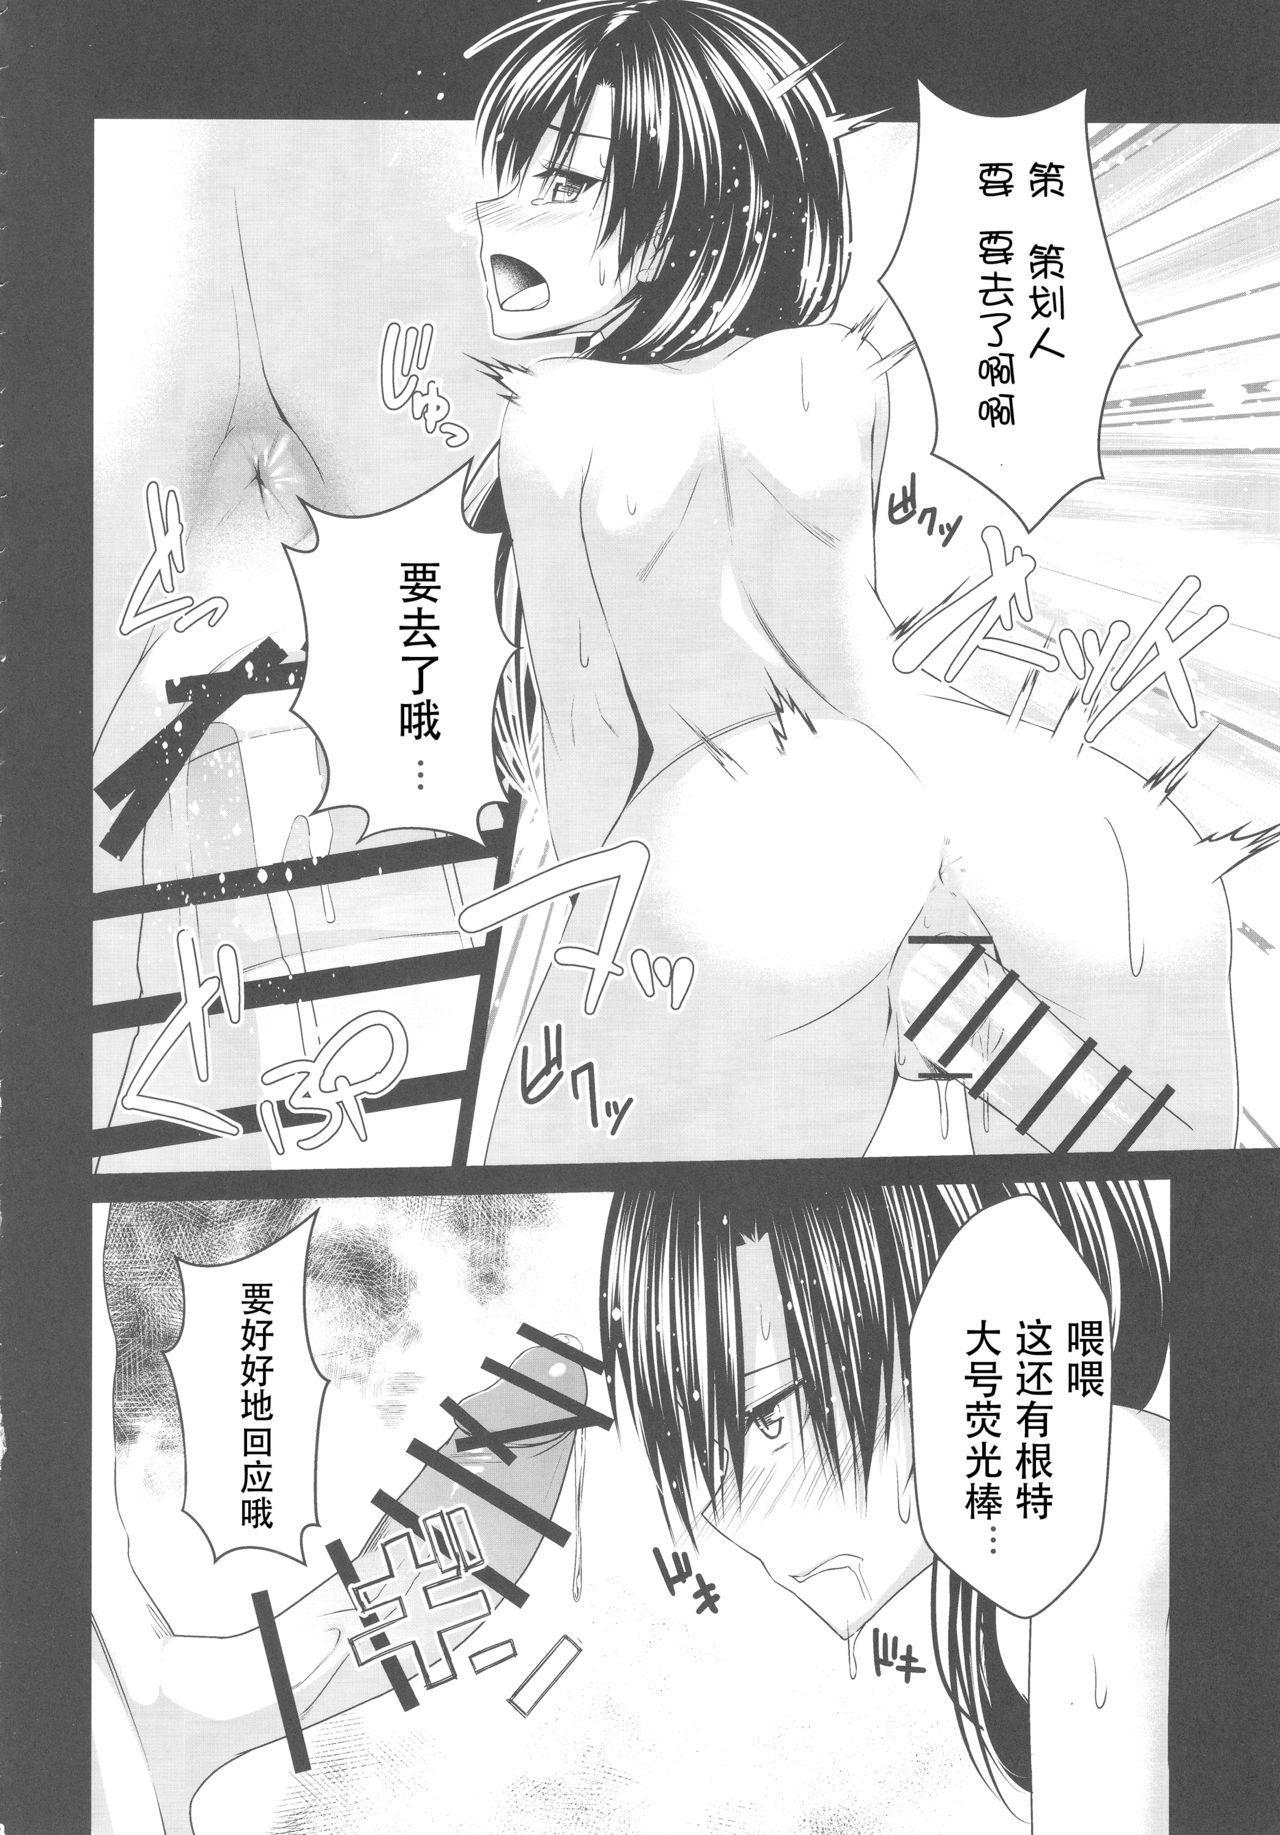 Konyoku Onsen Chihayu 14